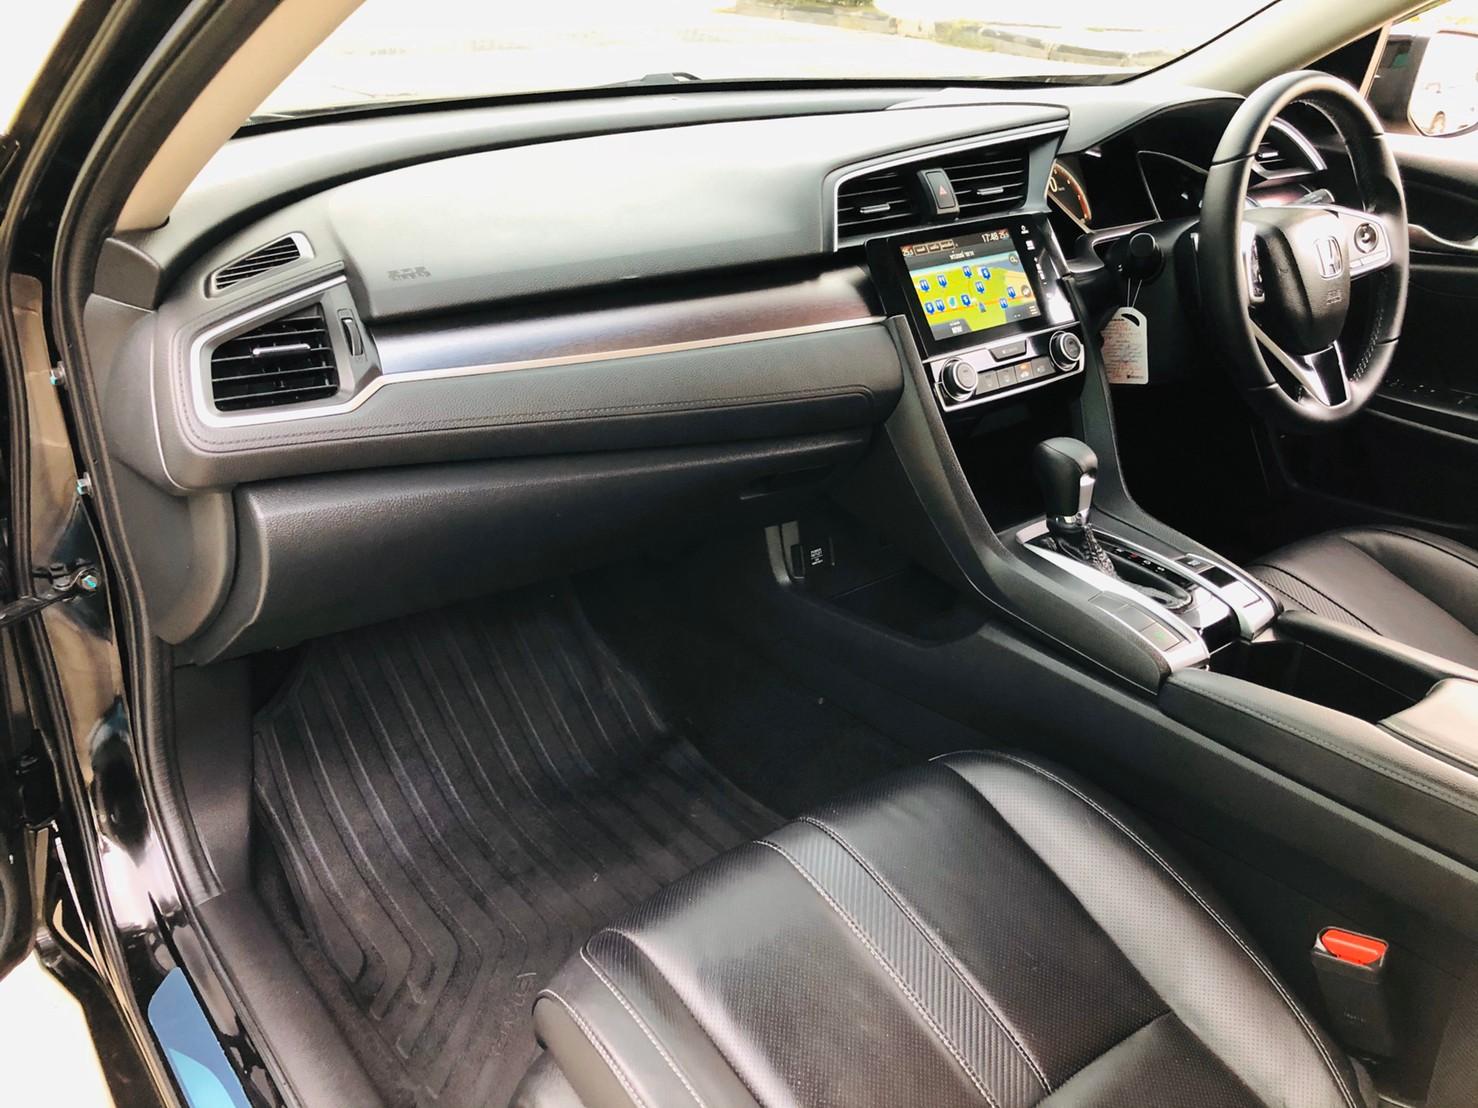 ภาพคอนโซล ฮอนด้า ซีวิค FC 1.5 Turbo RS ปี 2016